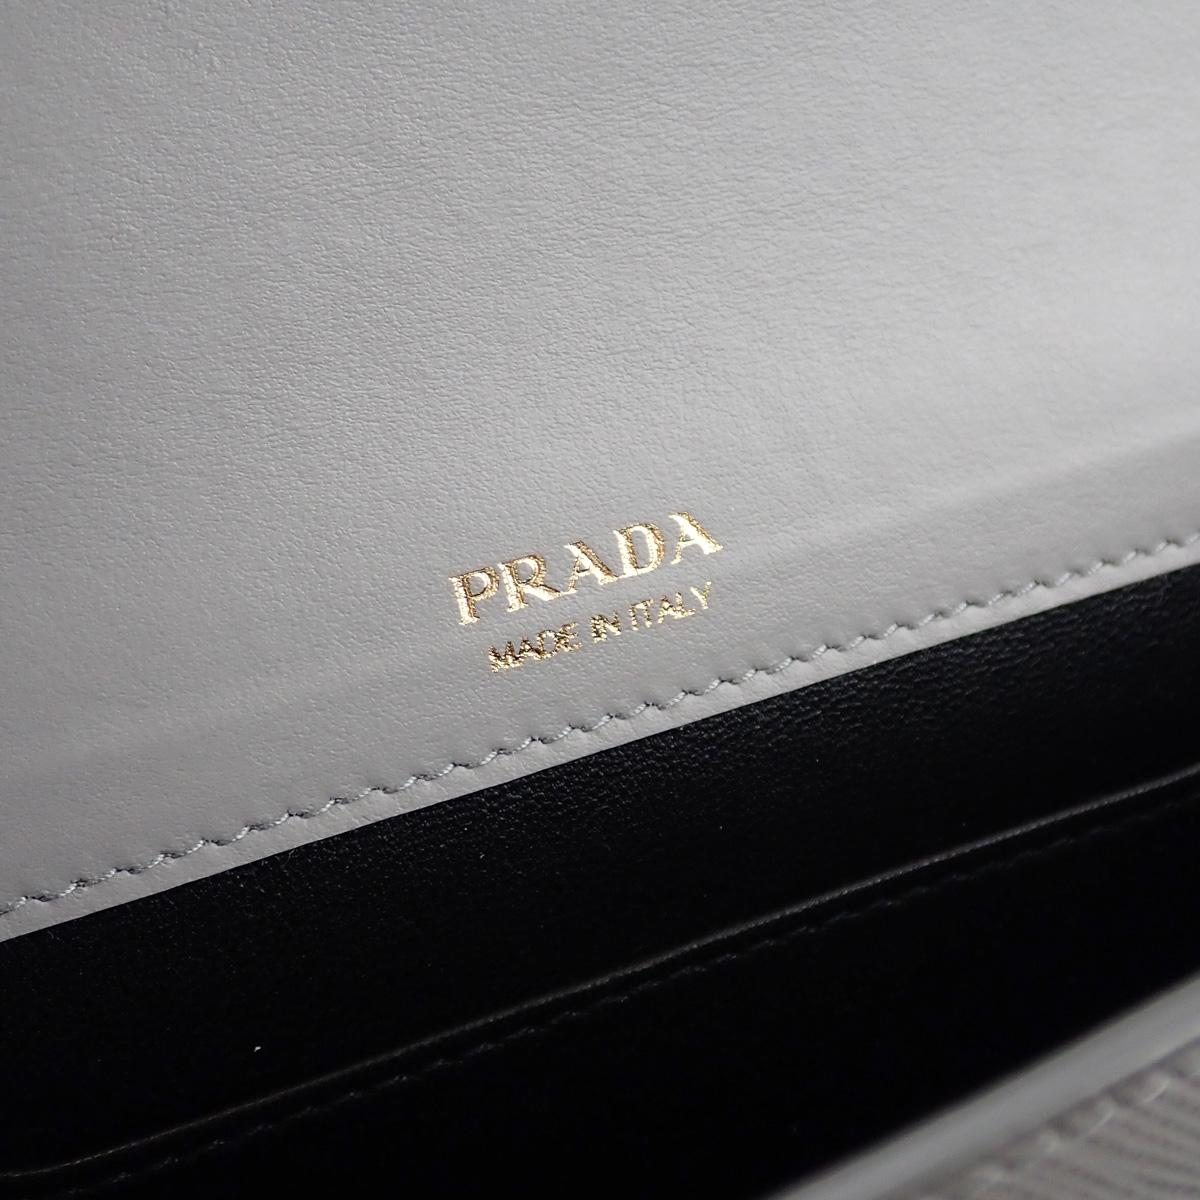 【辛口評価】【Aランク】PRADA プラダ サフィアーノレザー ミニバッグ ショルダーバッグ 1BP020_2EEP_F0424_V_OOO 国内正規品 ライトグレー